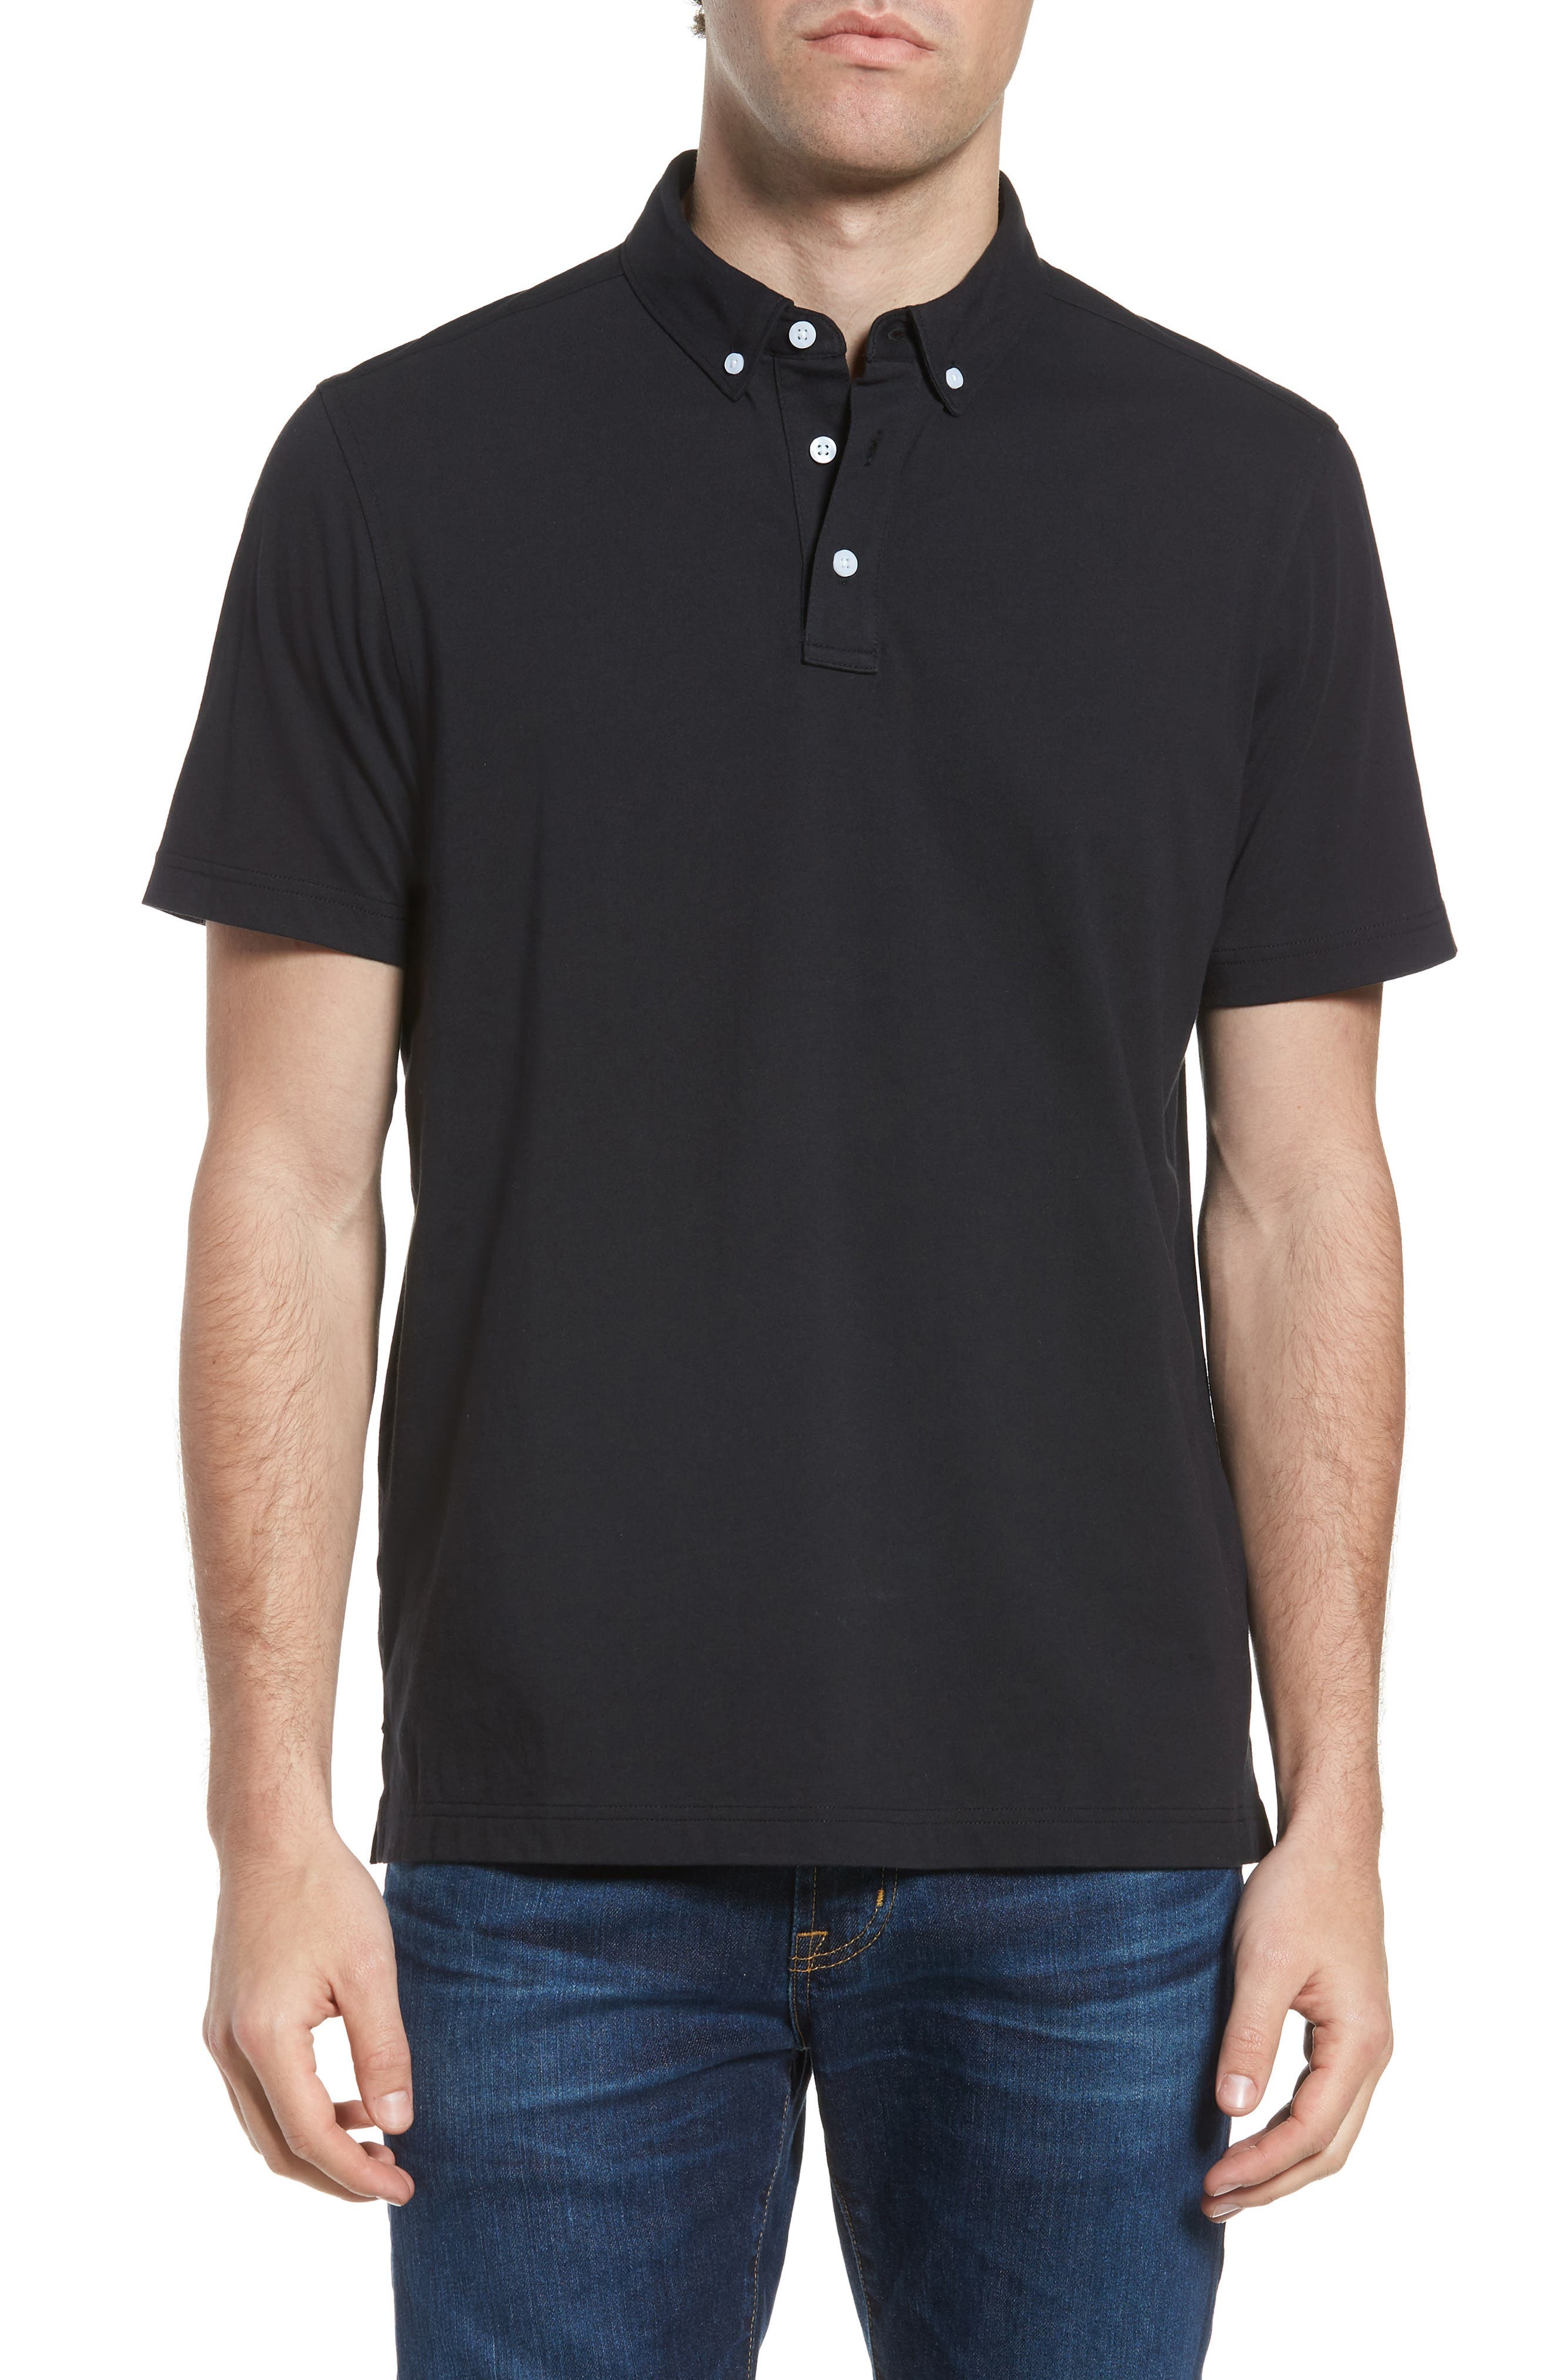 NORDSTROM MEN'S SHOP Regular Fit Polo, Main, color, BLACK